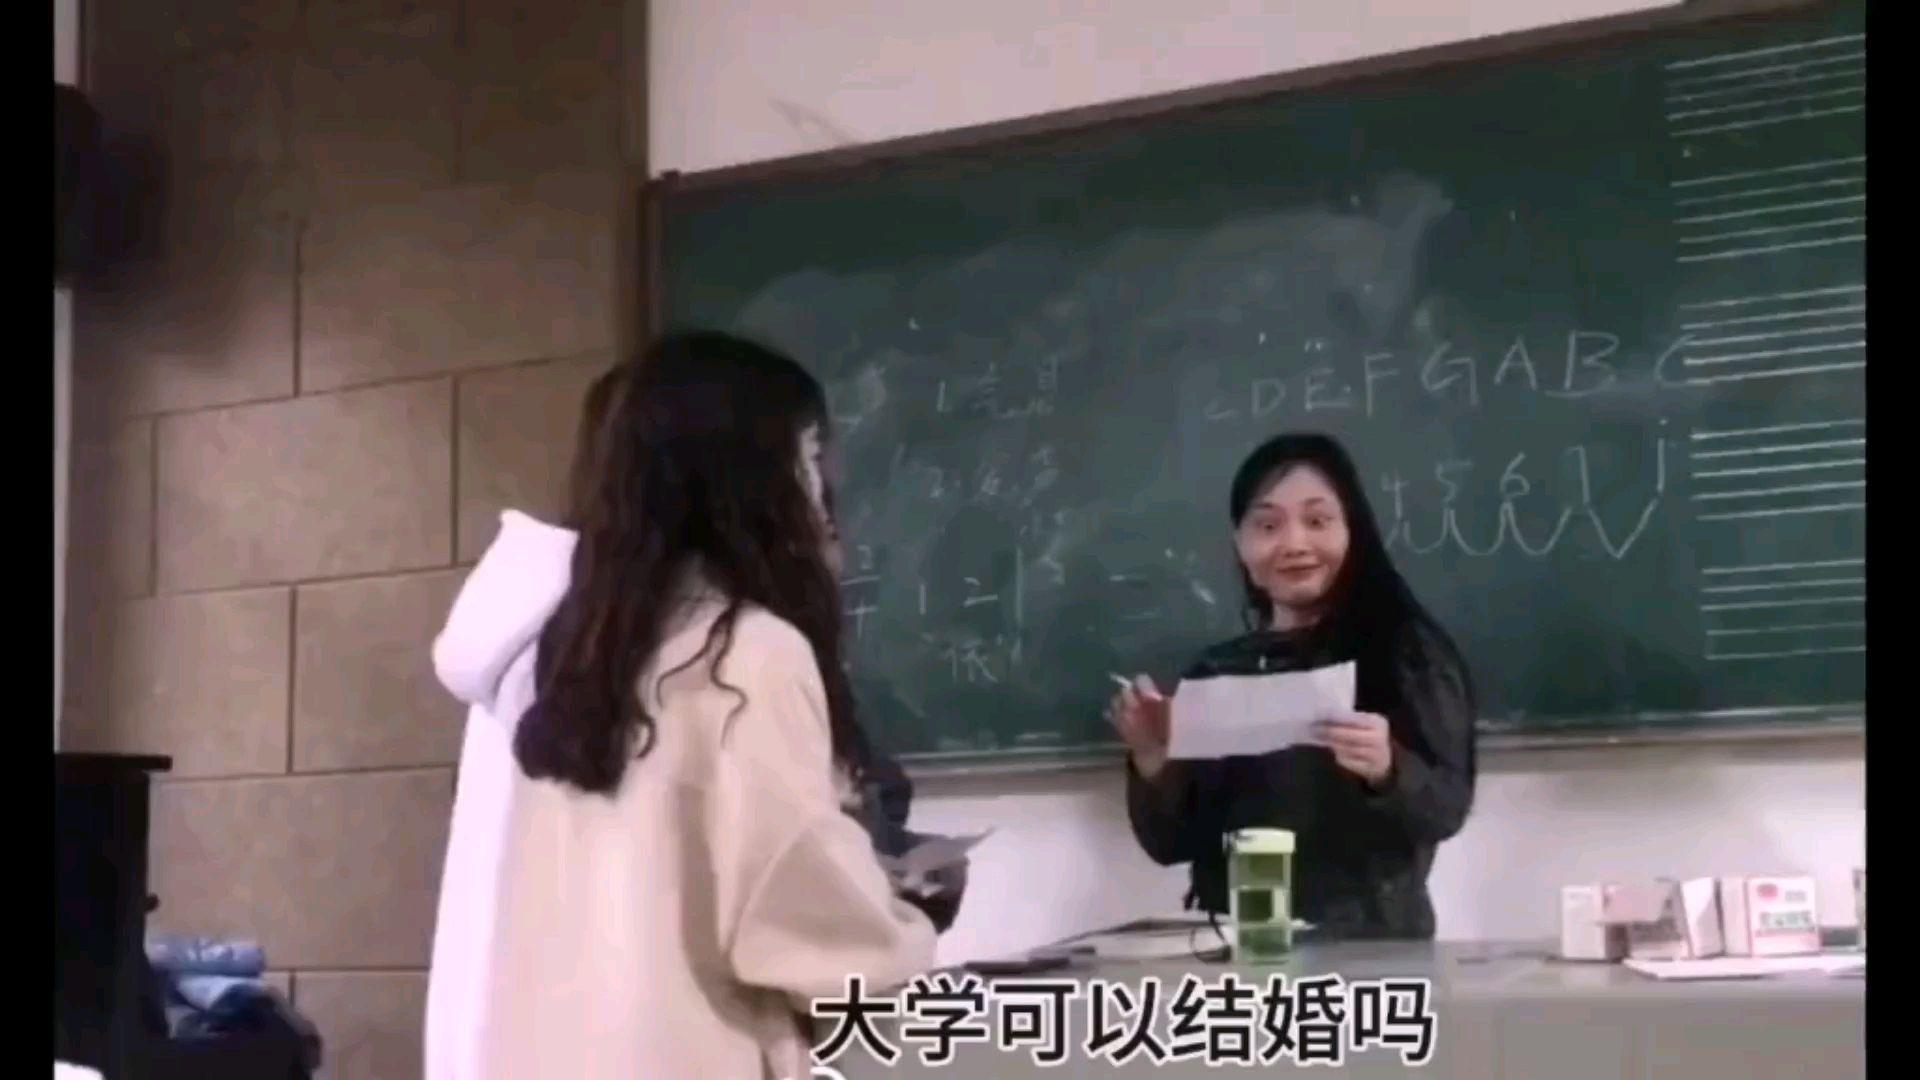 老师:大学可以结婚的吗?